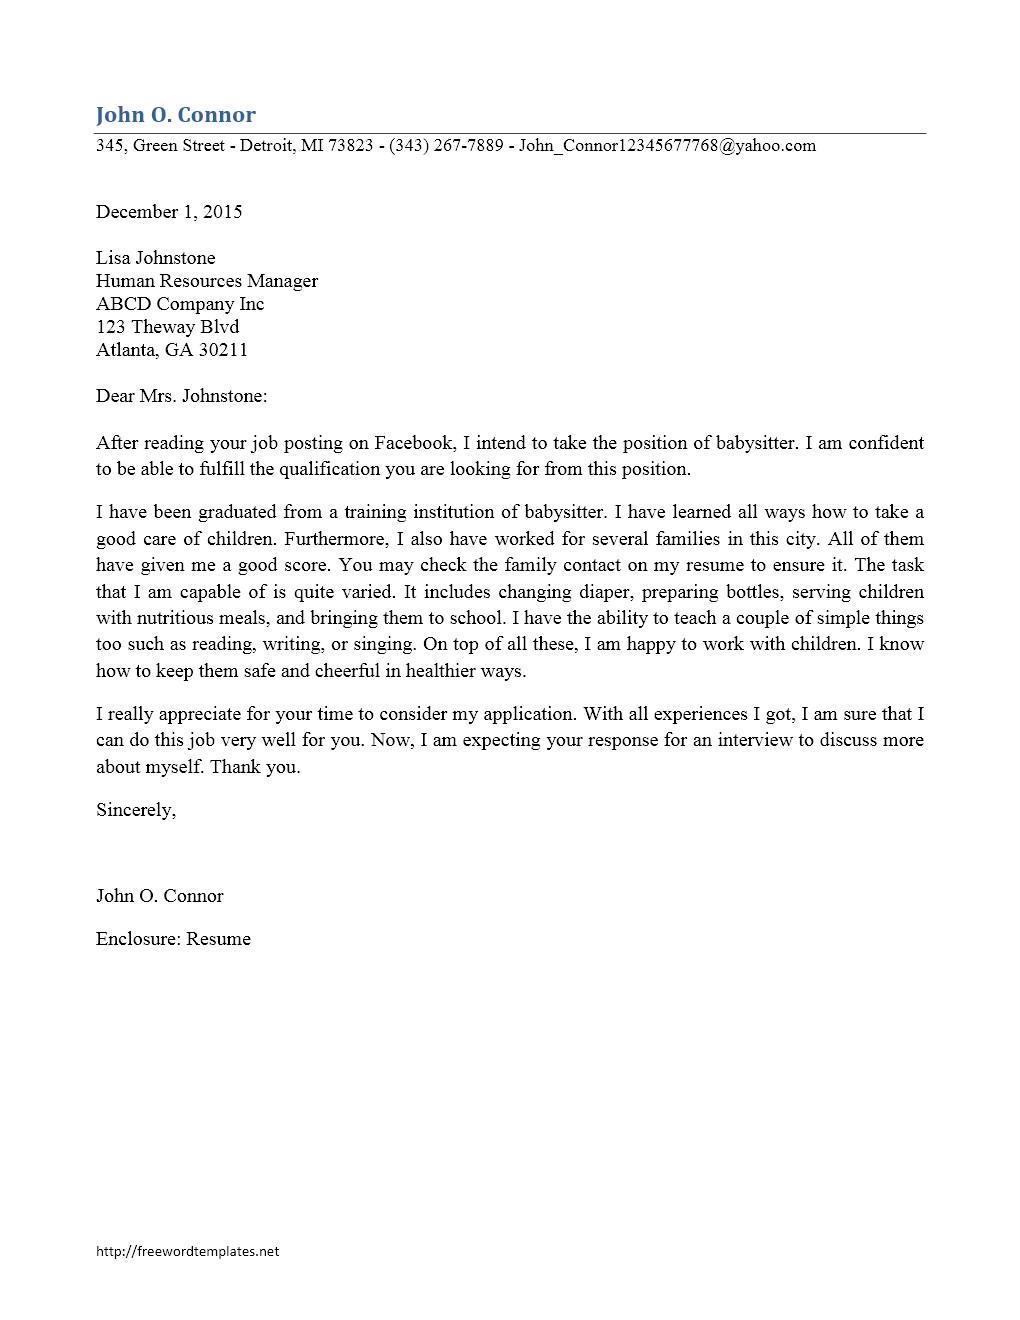 babysitter cover letter